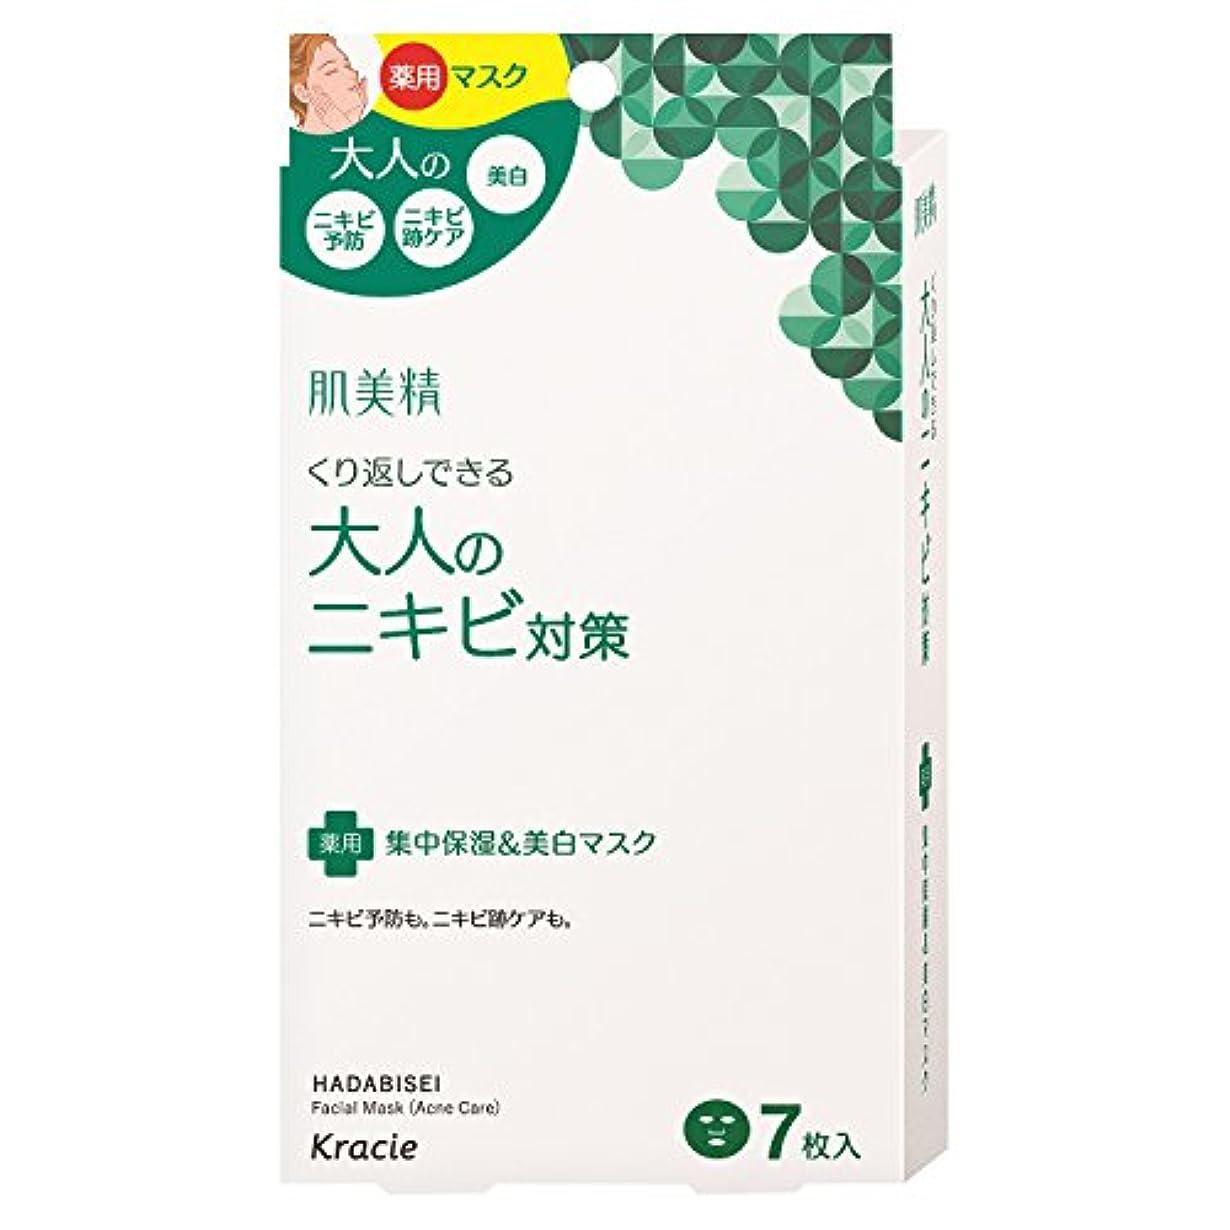 うるさい自己流暢肌美精 大人のニキビ対策 薬用集中保湿&美白マスク 7枚 (医薬部外品)